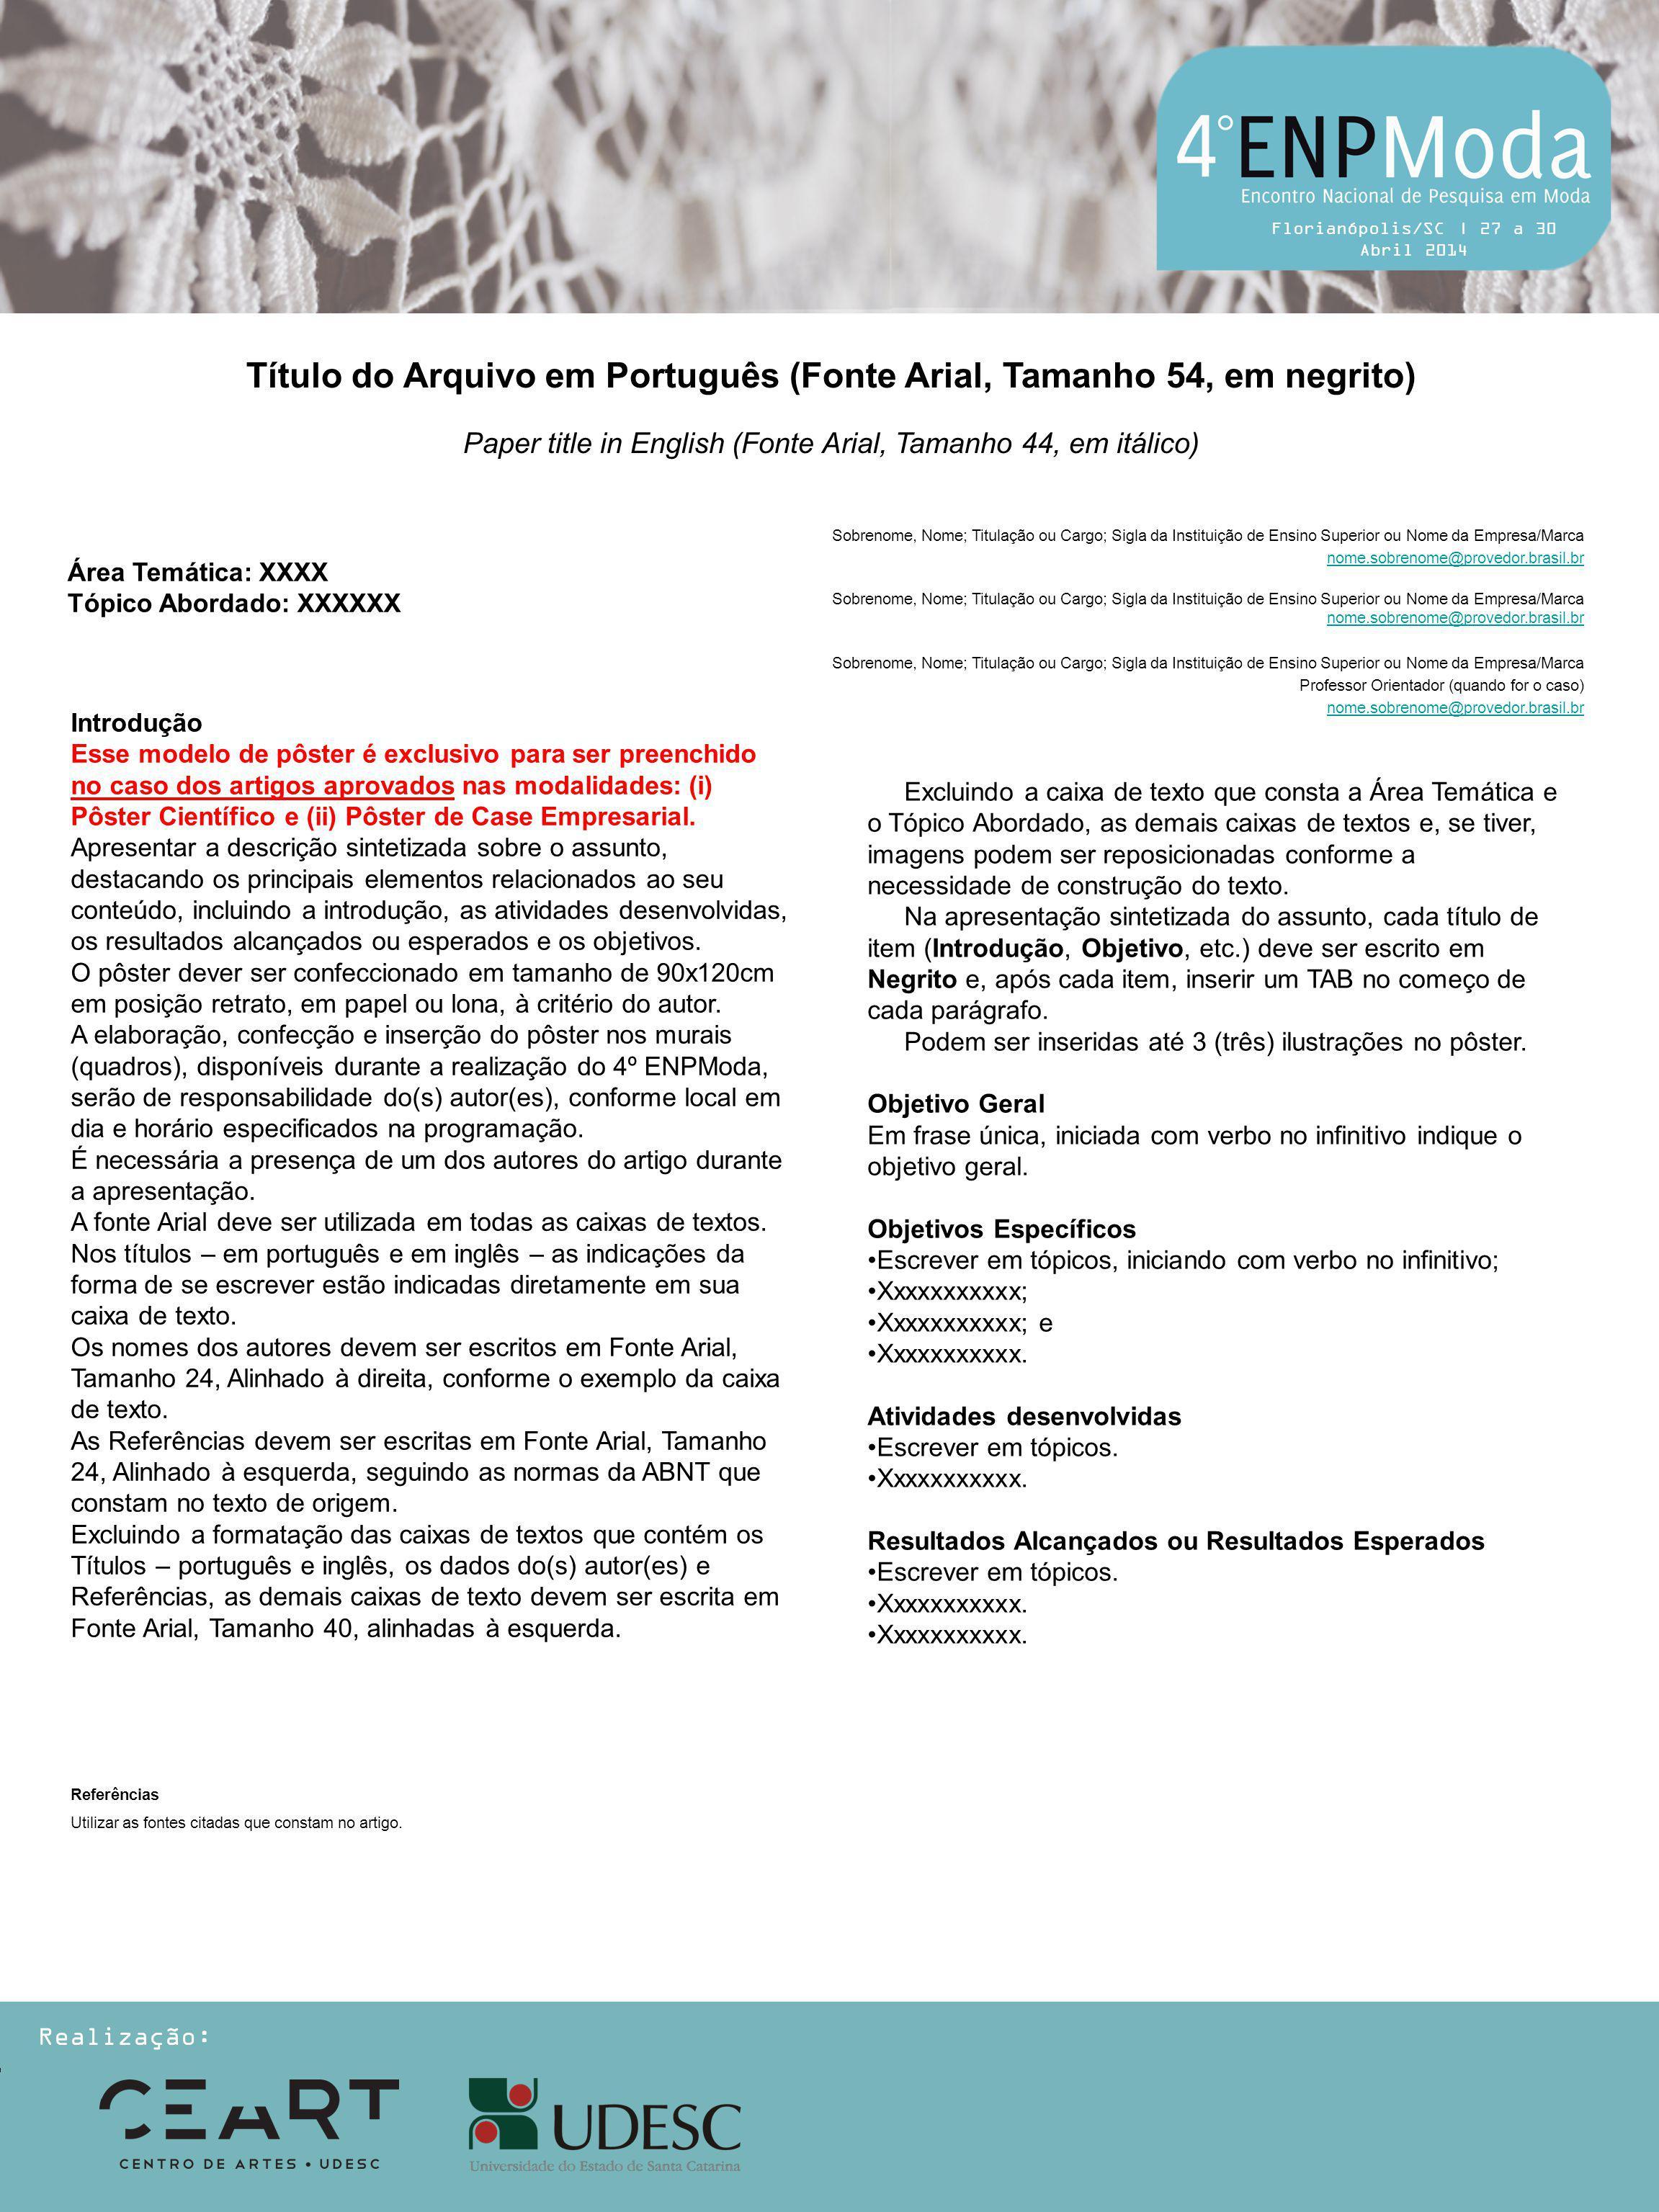 Florianópolis/SC | 27 a 30 Abril 2014 Título do Arquivo em Português (Fonte Arial, Tamanho 54, em negrito) Paper title in English (Fonte Arial, Tamanho 44, em itálico) Introdução Esse modelo de pôster é exclusivo para ser preenchido no caso dos artigos aprovados nas modalidades: (i) Pôster Científico e (ii) Pôster de Case Empresarial.